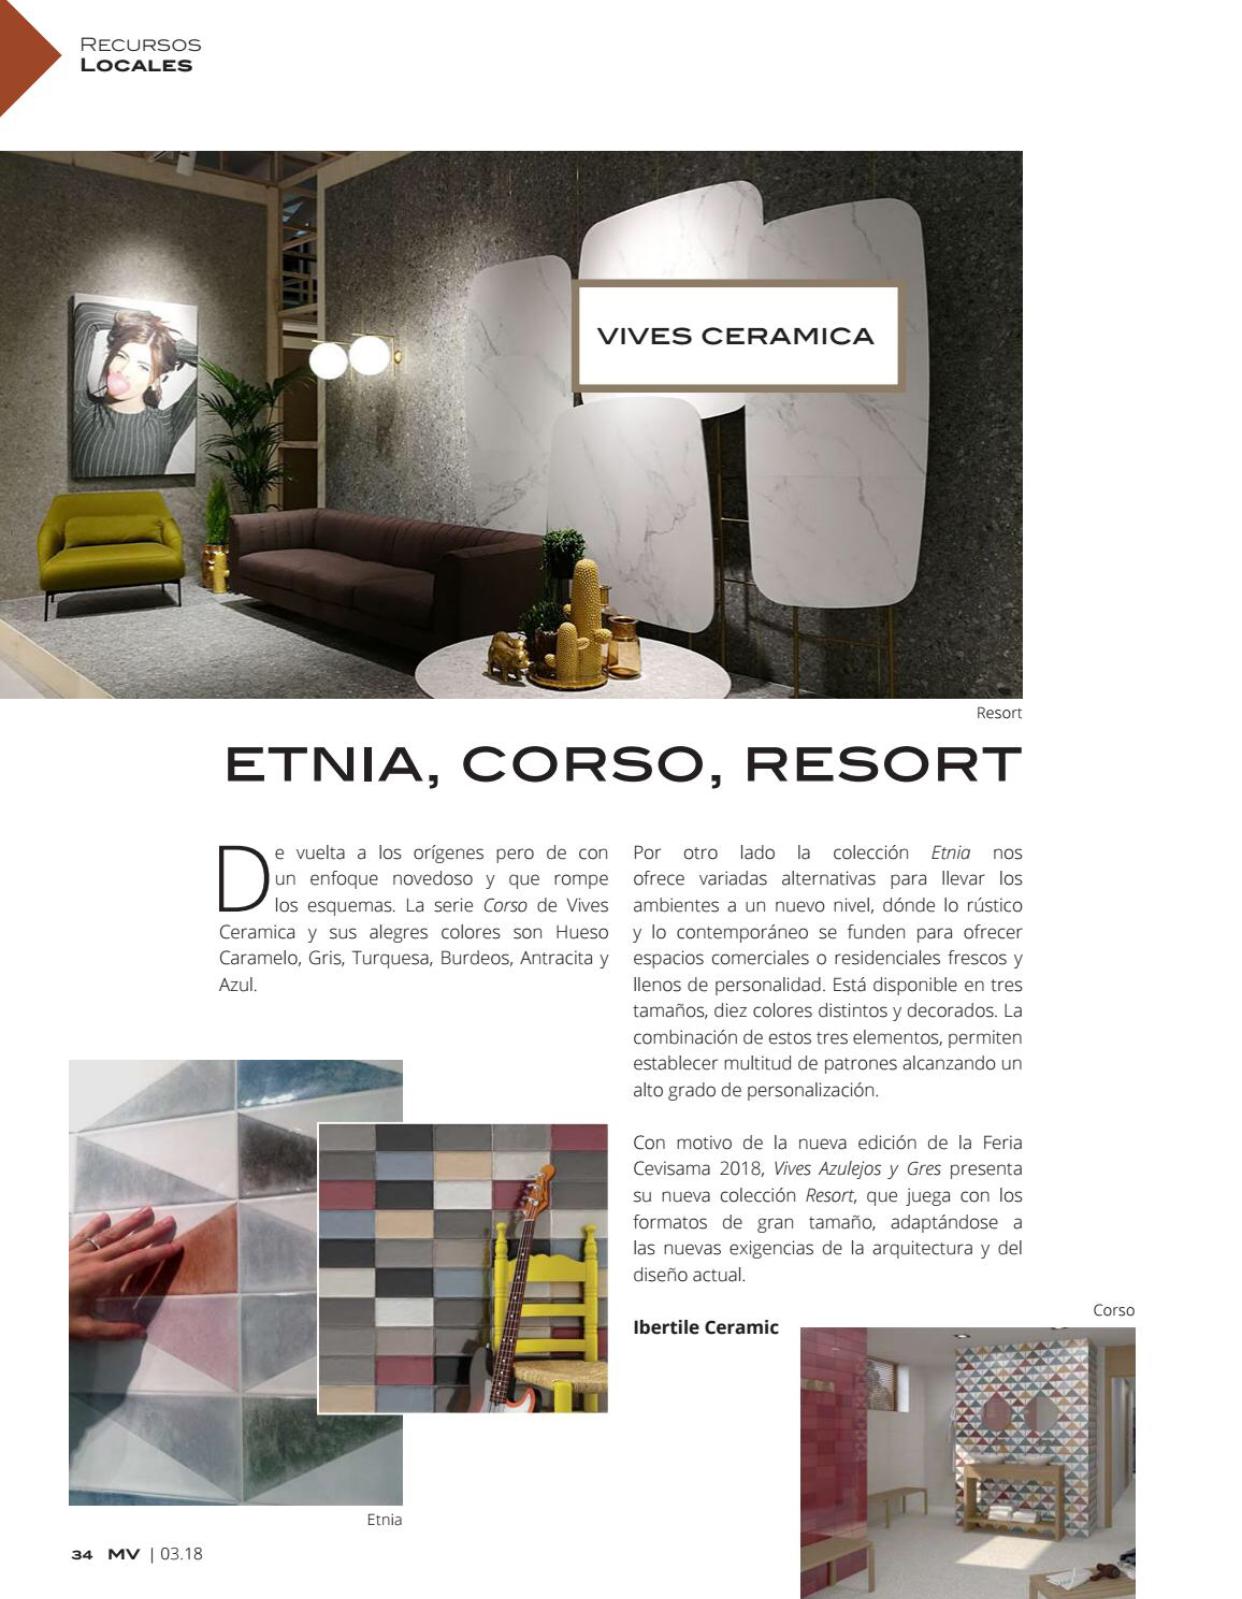 Etnia, corso, resort